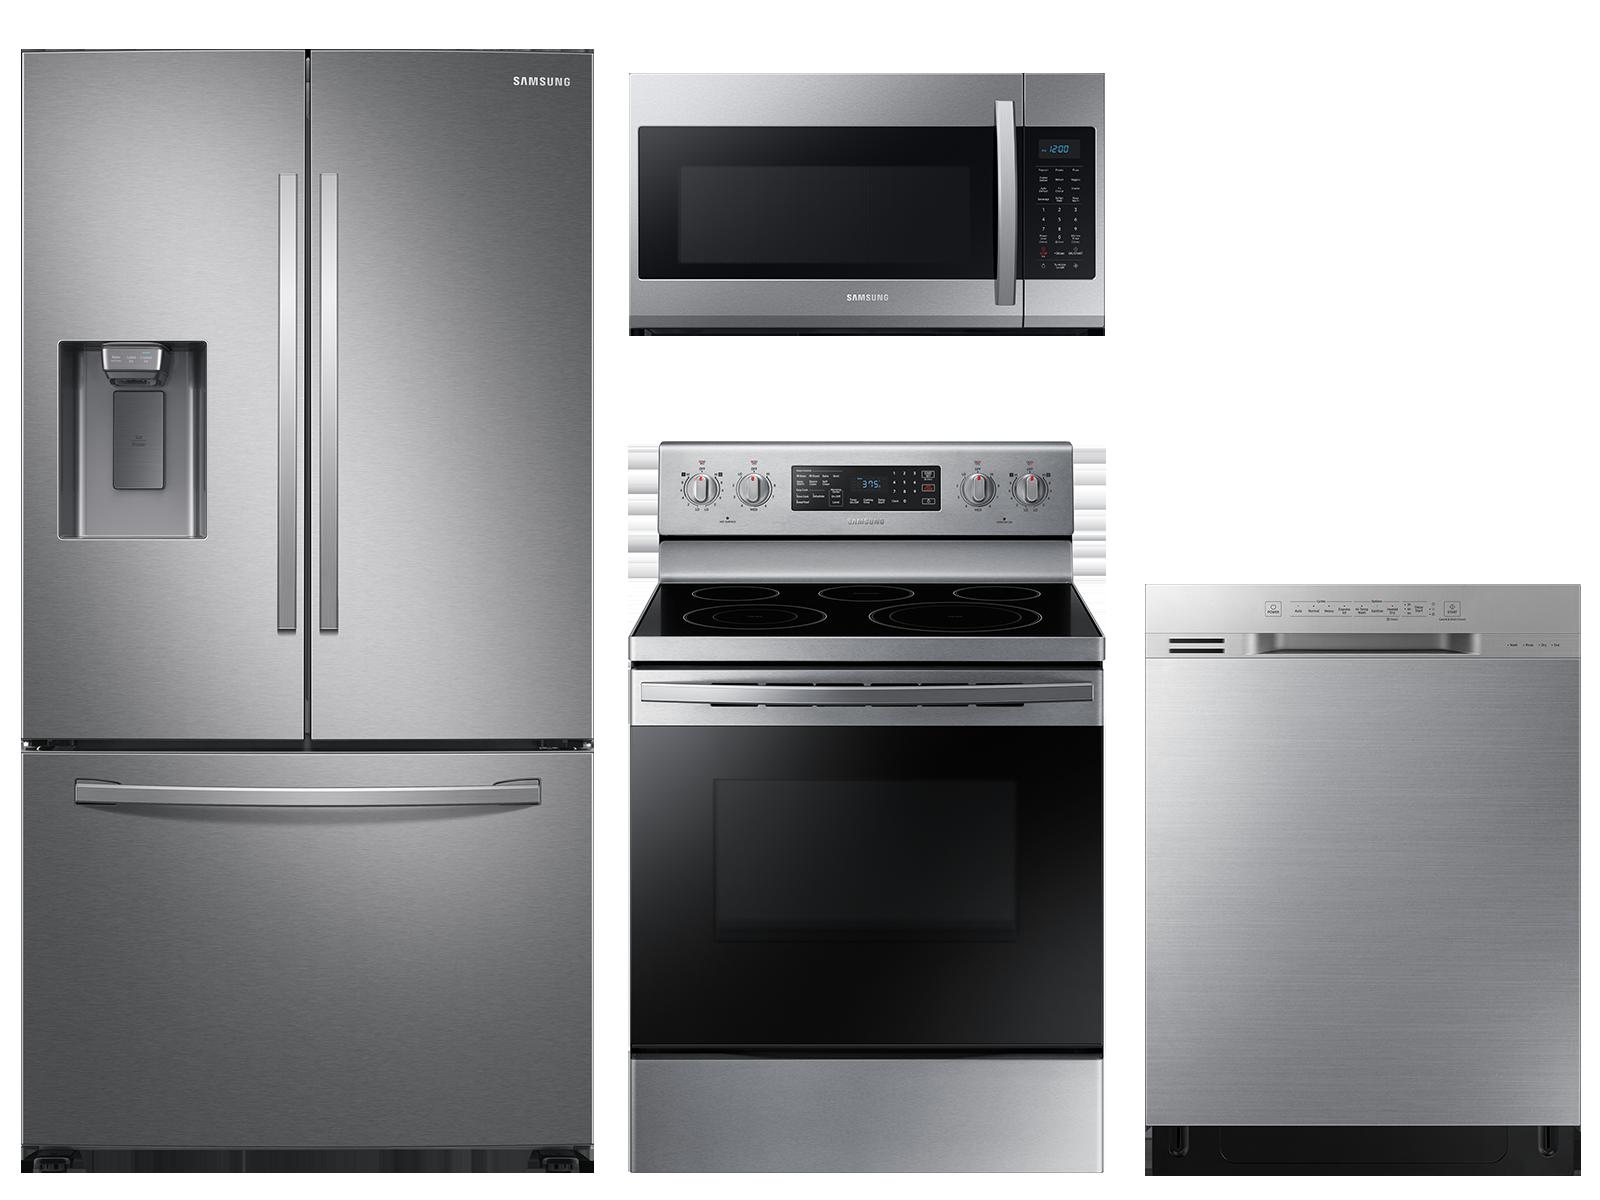 Large capacity 3-door refrigerator & electric range package in stainless steel